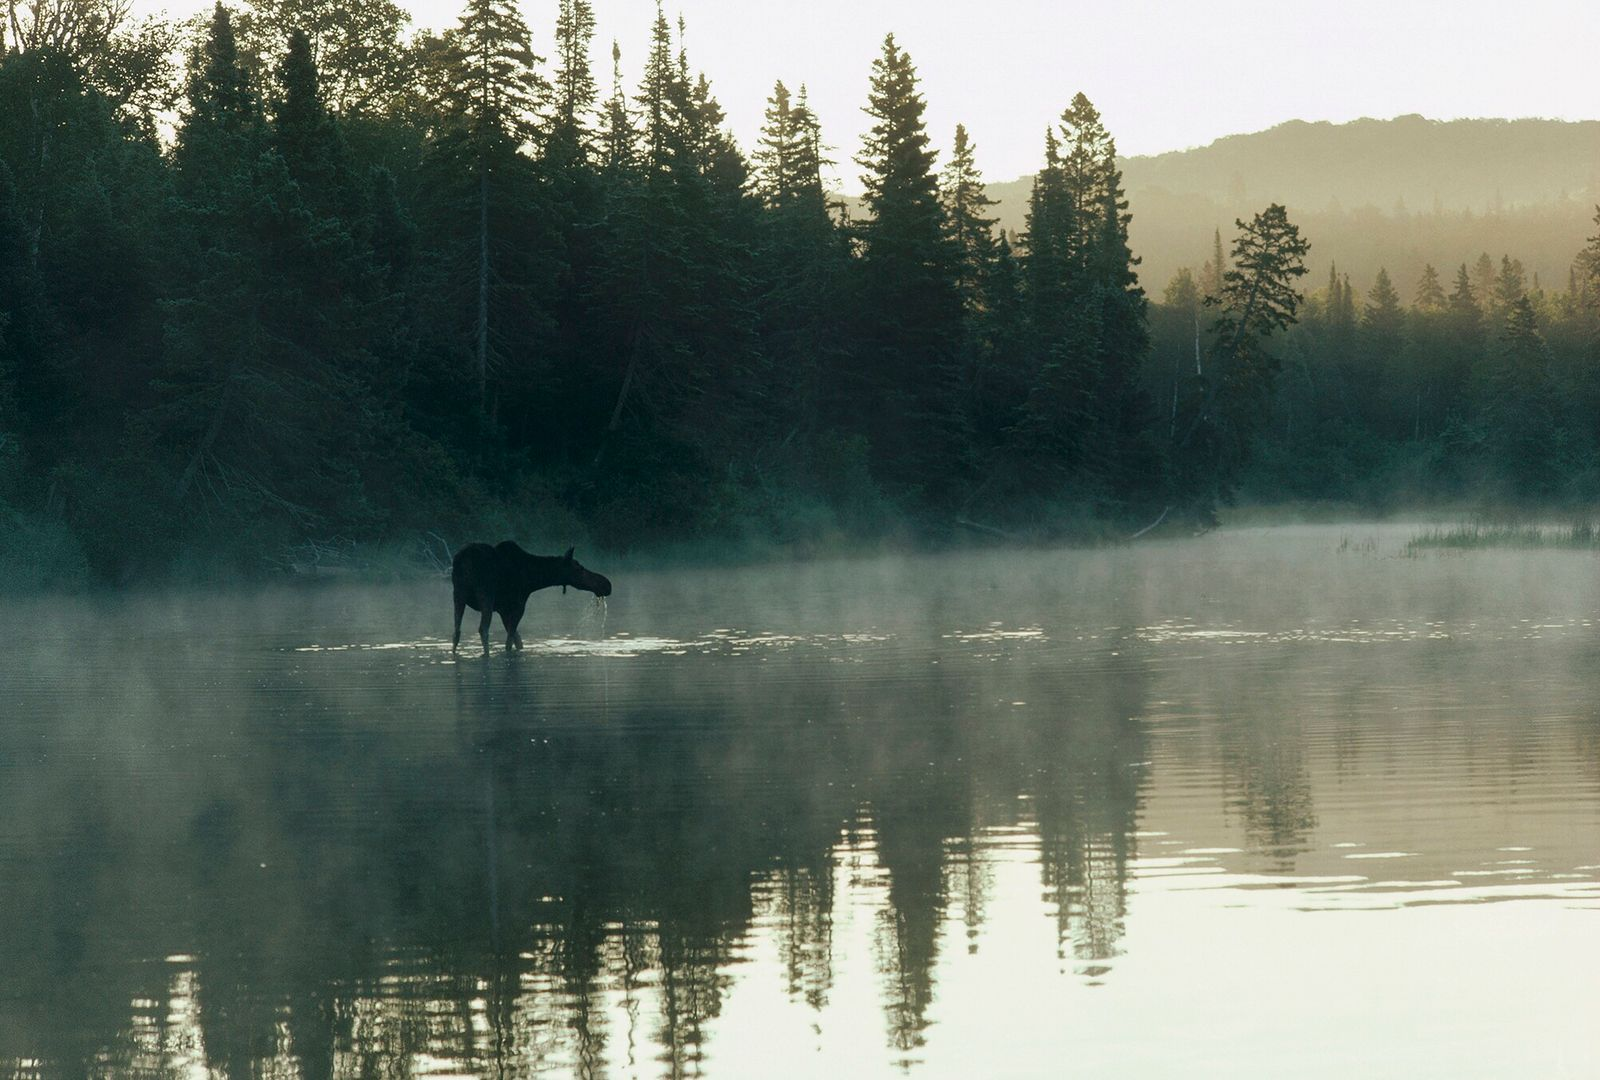 Isle Royale, Michigan   Uma fêmea de alce atravessa um lago no Parque Nacional Isle Royale, ...